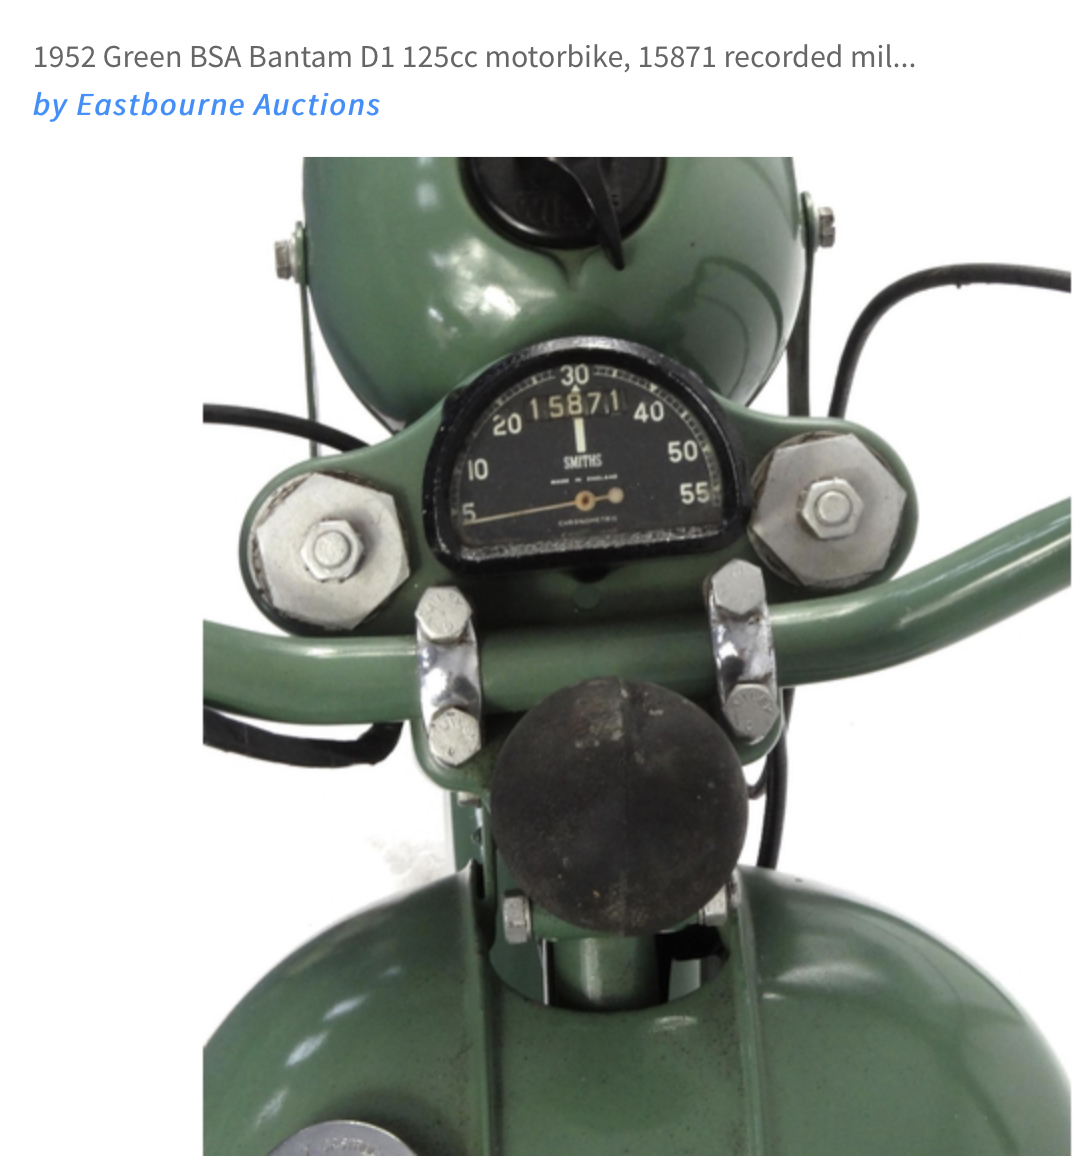 E19BAEF0-AB20-4549-A9F9-75F9A261137F.jpeg